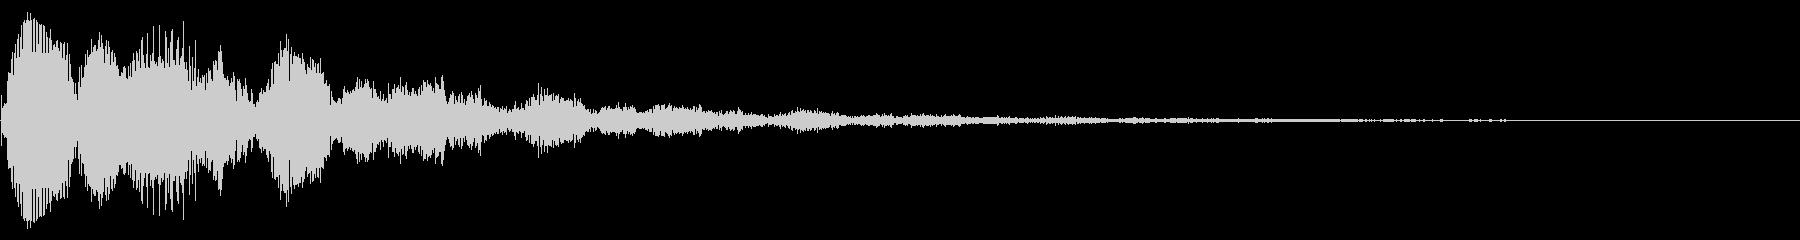 不穏 トランペット トリル リバーブの未再生の波形